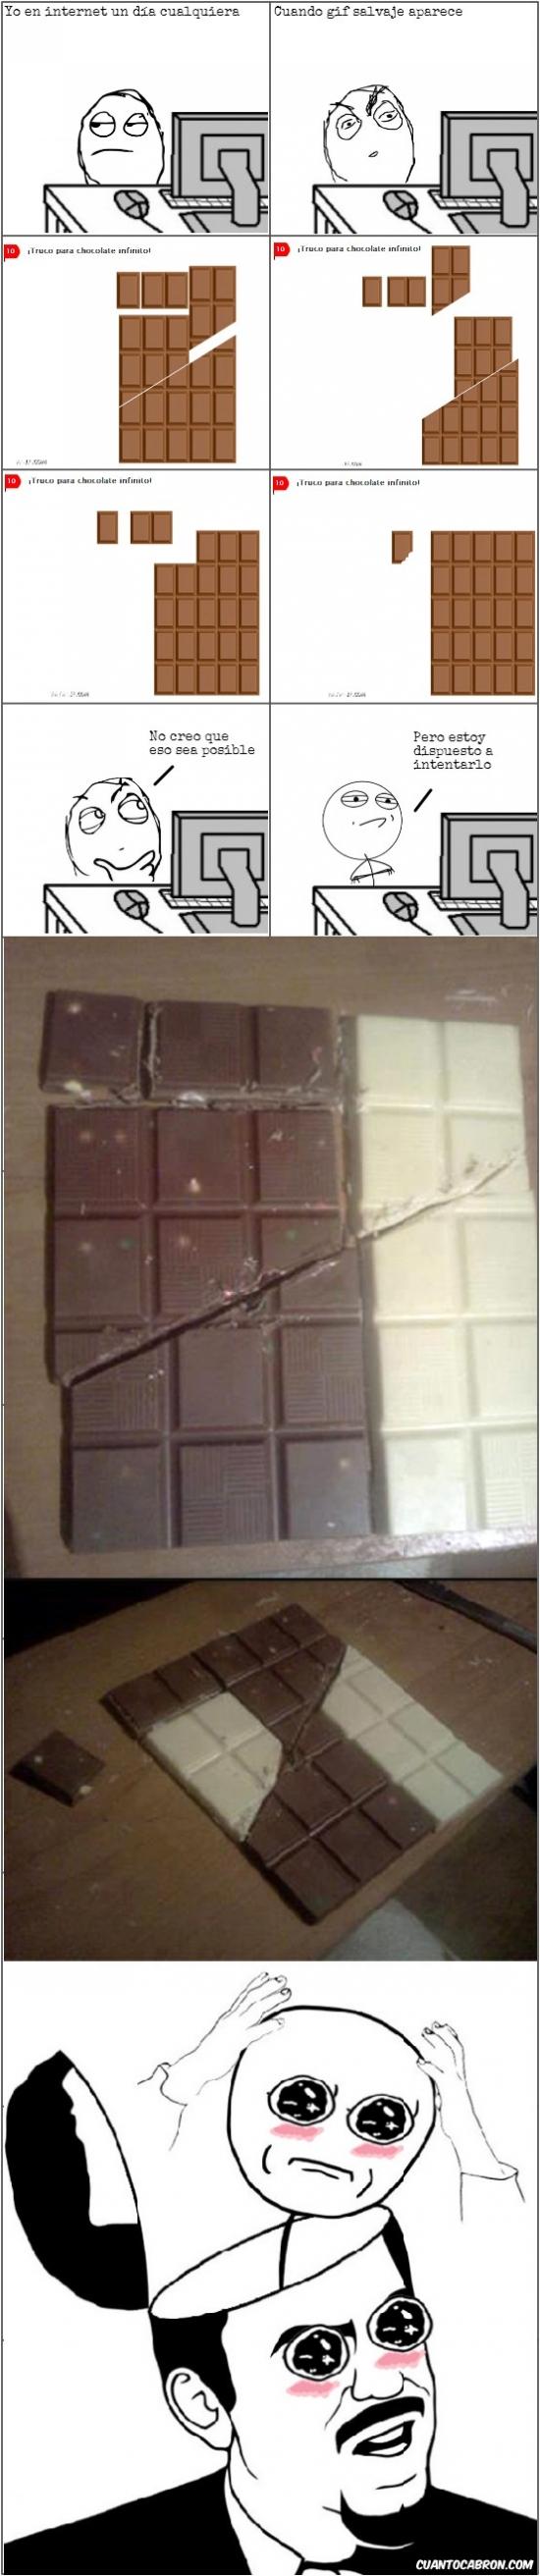 amazed,are you serious,chocolate infinito,ilusion,inesperado,kidding me,truco